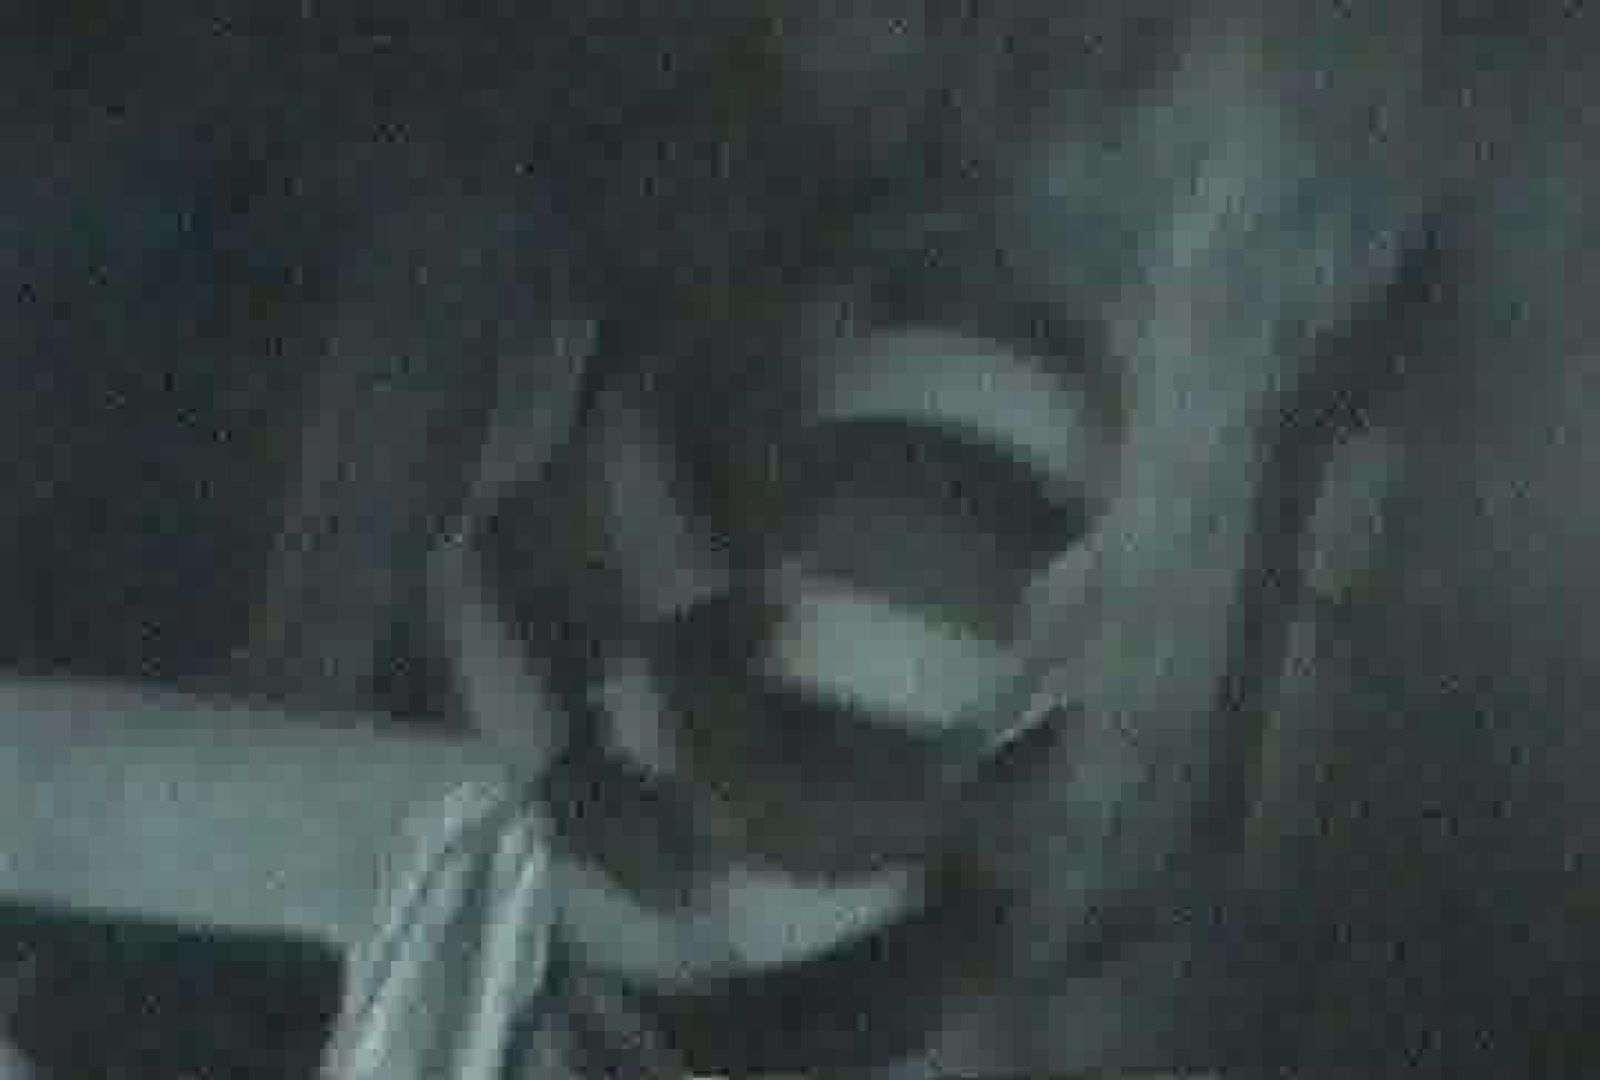 充血監督の深夜の運動会Vol.75 カップル AV無料動画キャプチャ 77pic 19